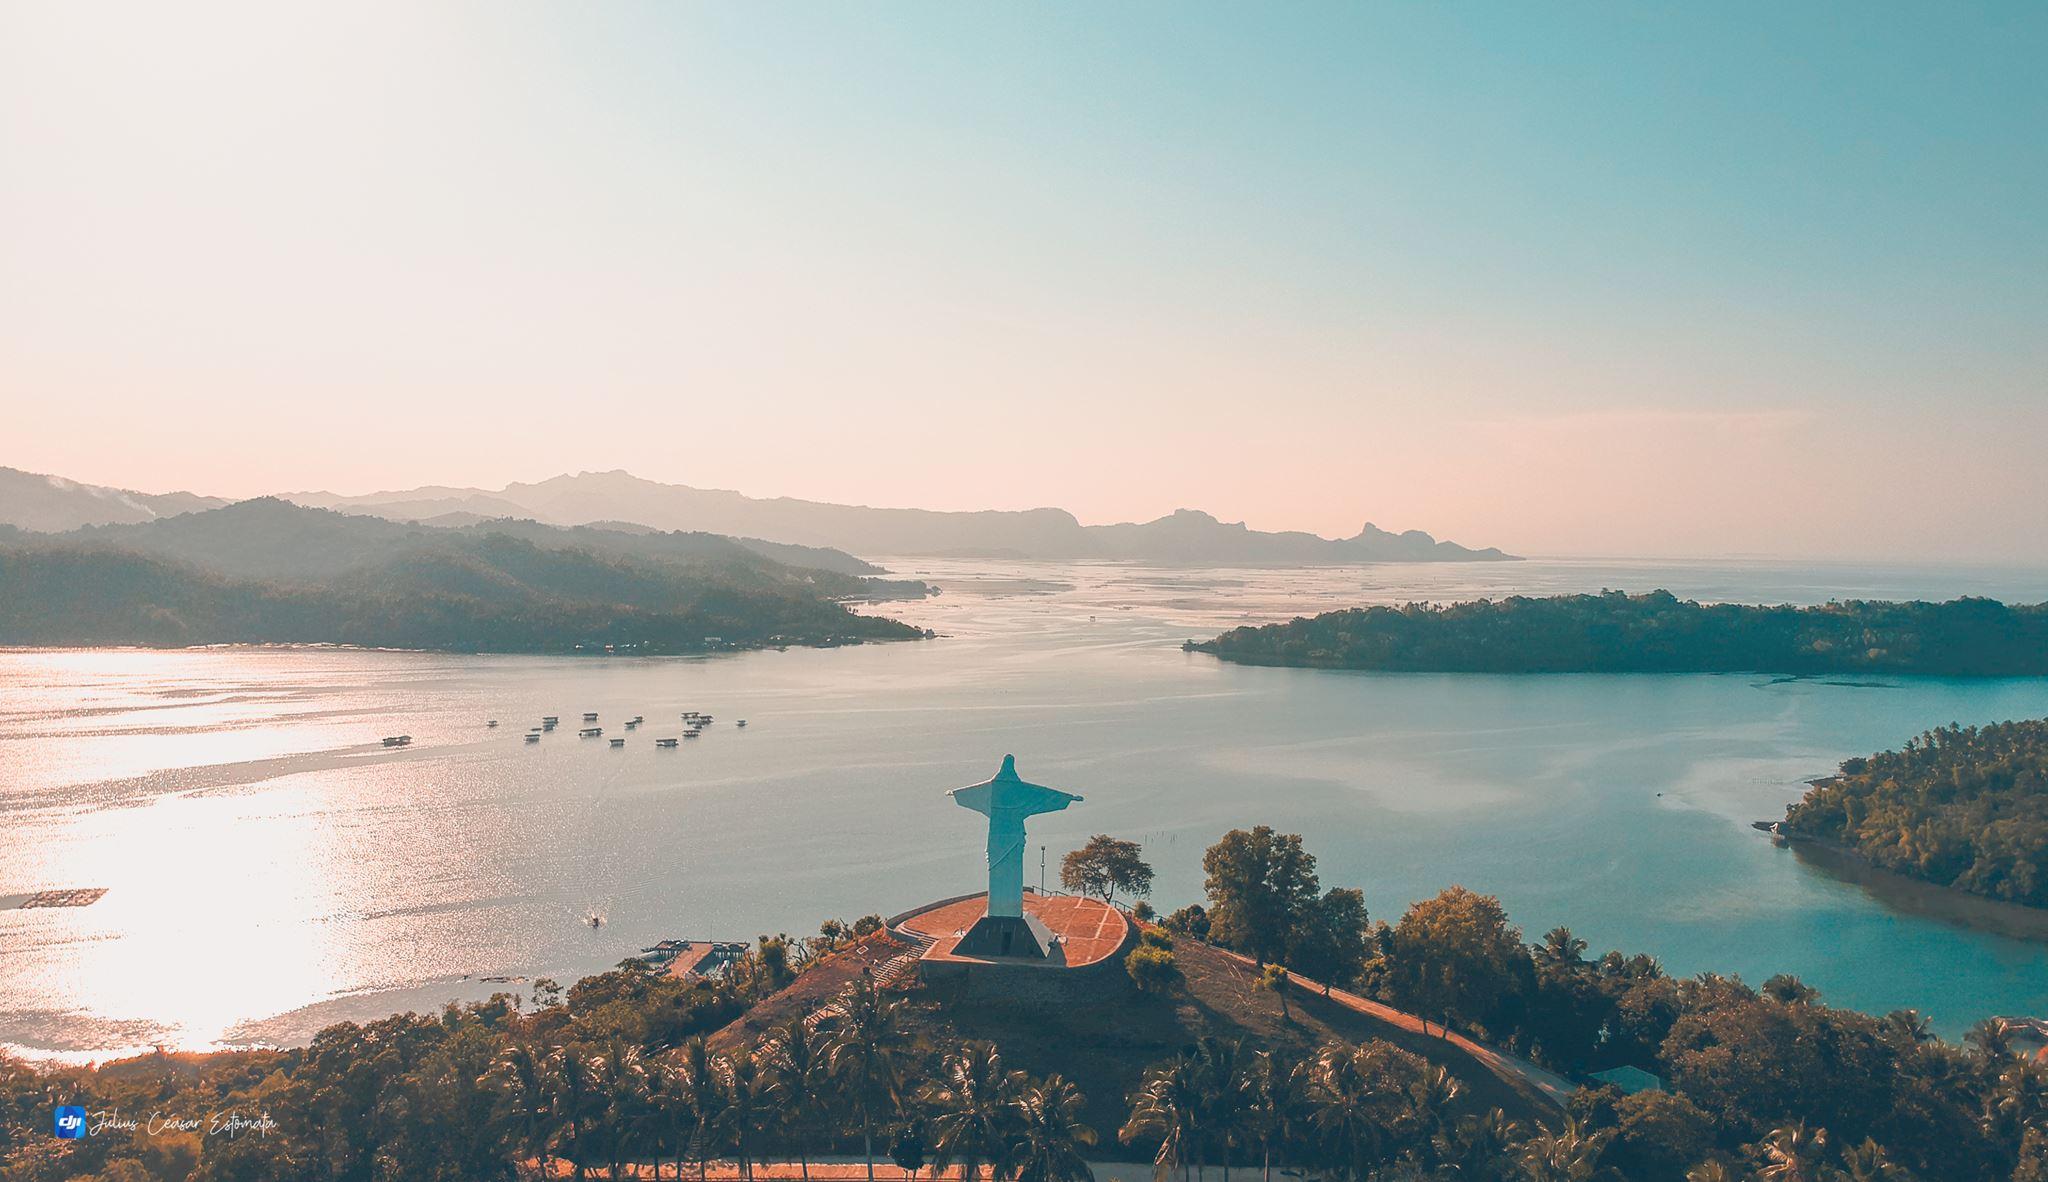 Caluya Shrine Pano